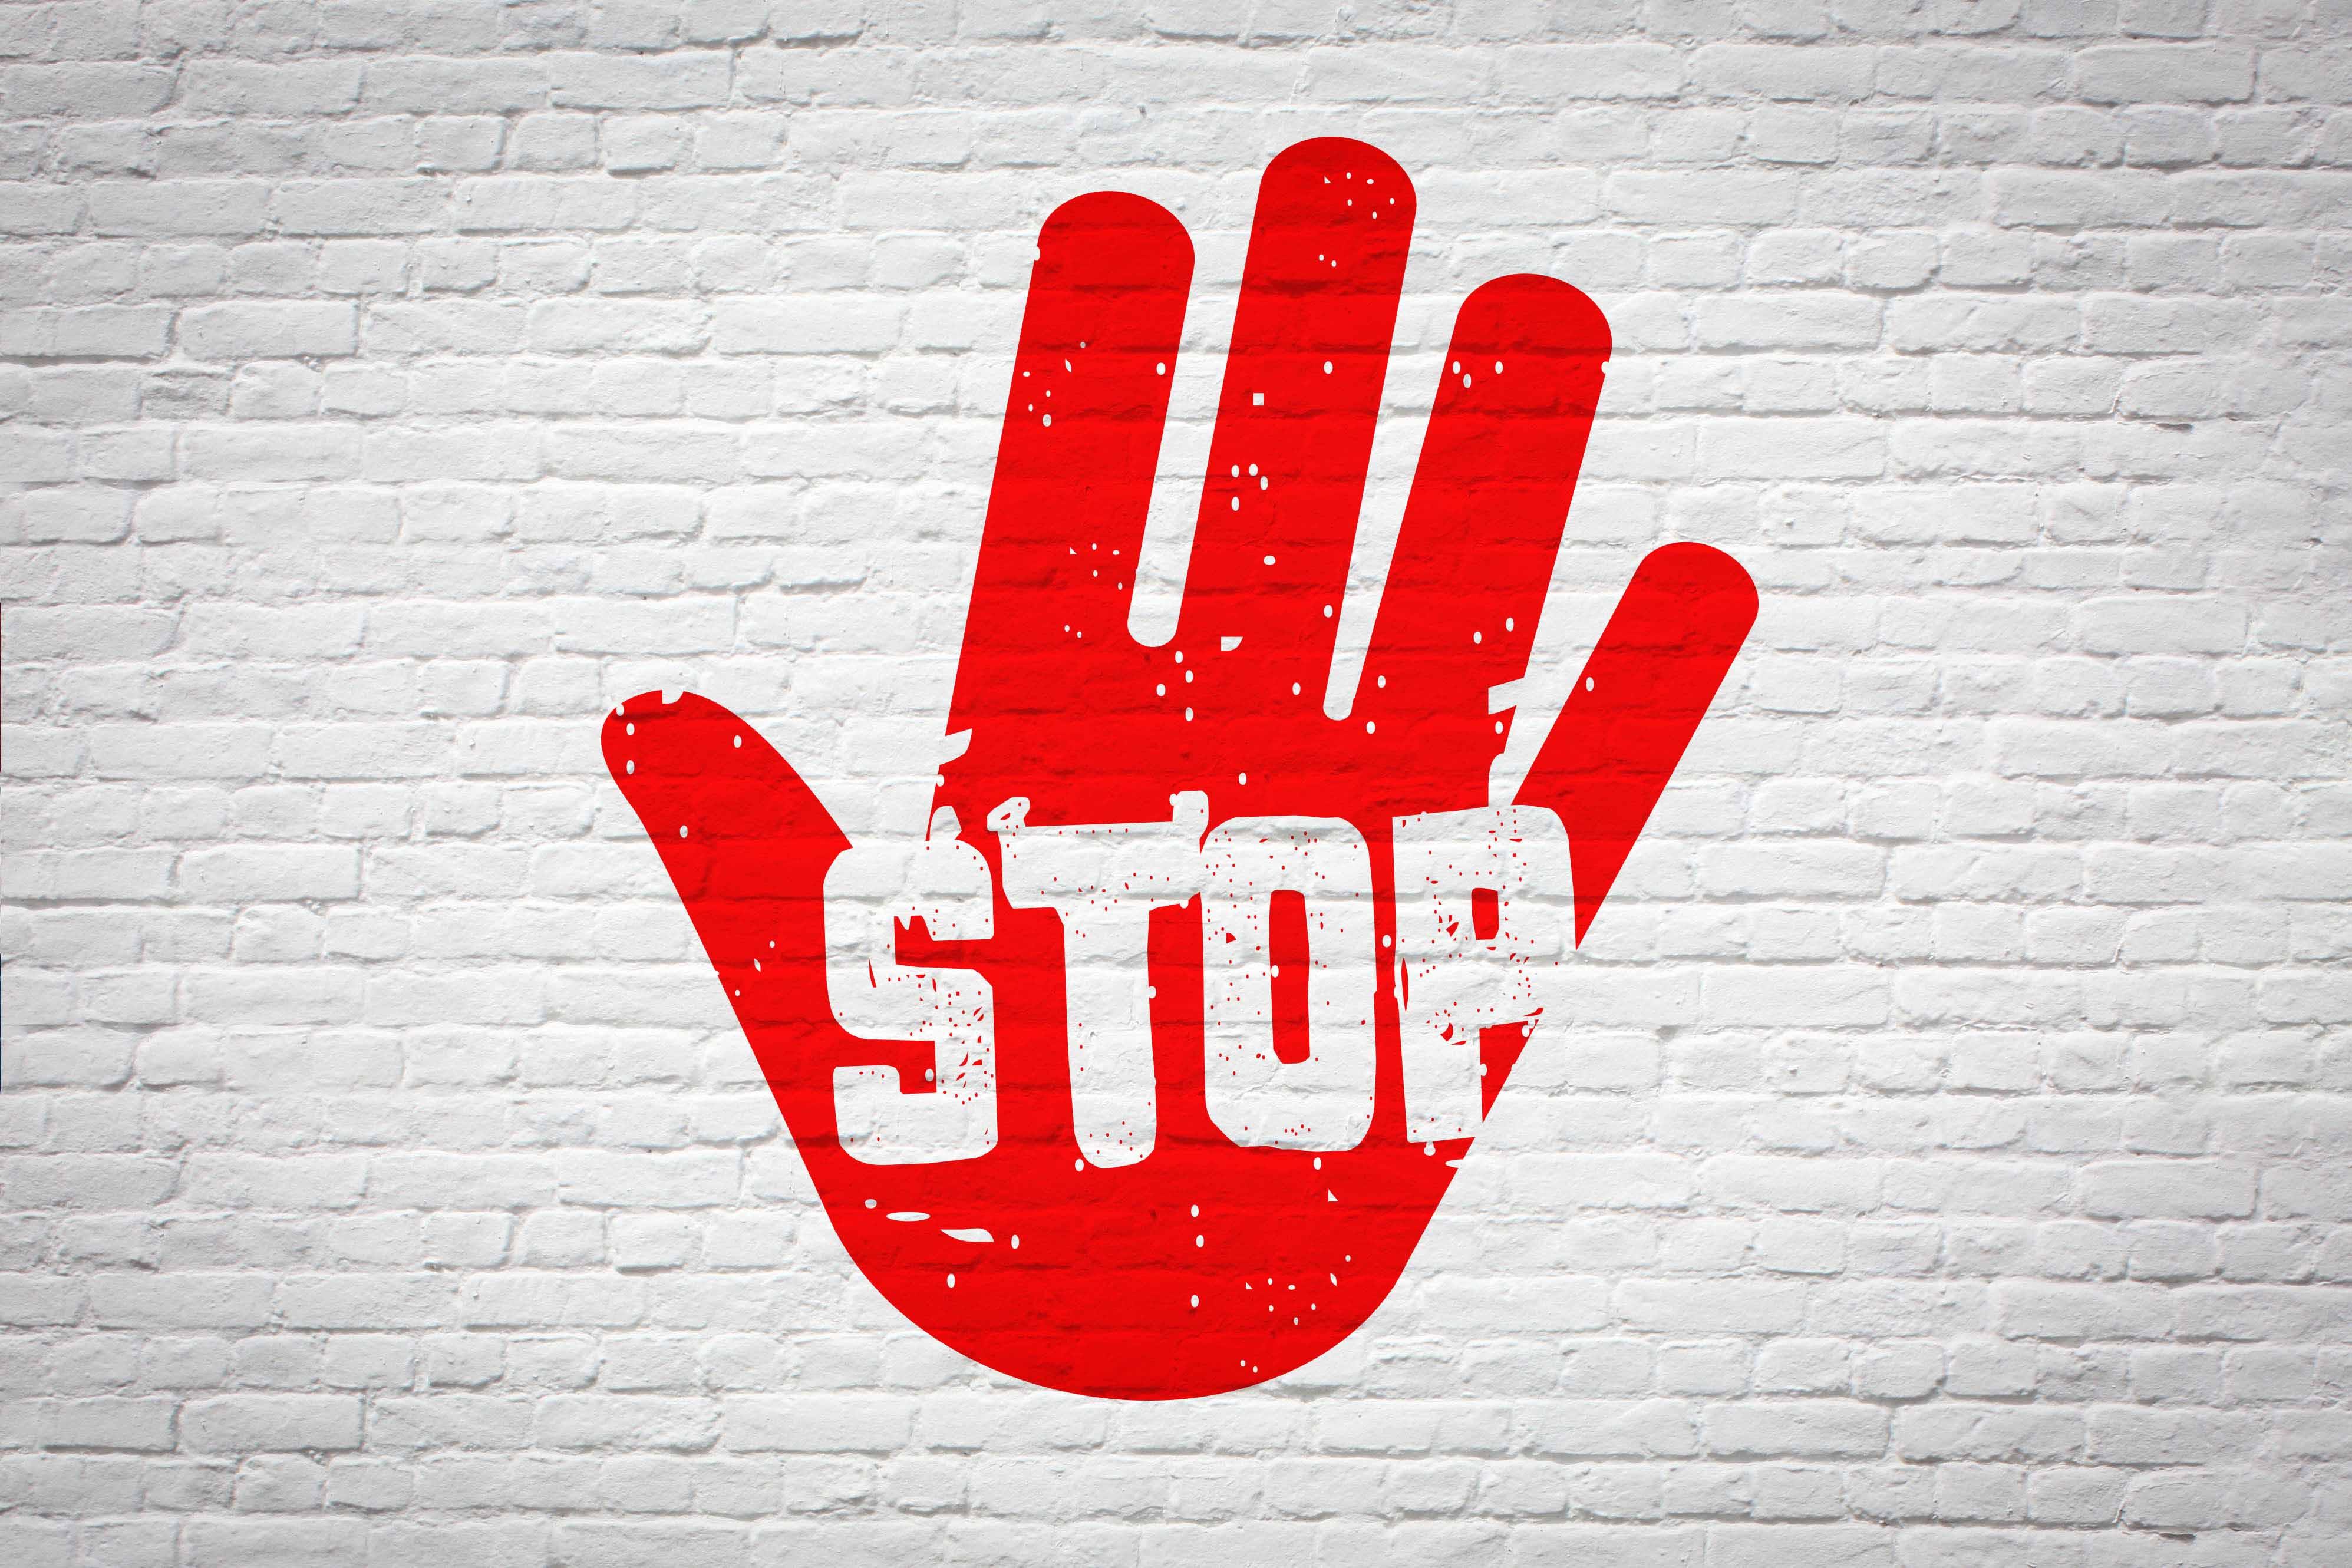 Témoignage anonyme : Je suis victime de harcèlement sexuel sur mon lieu de travail